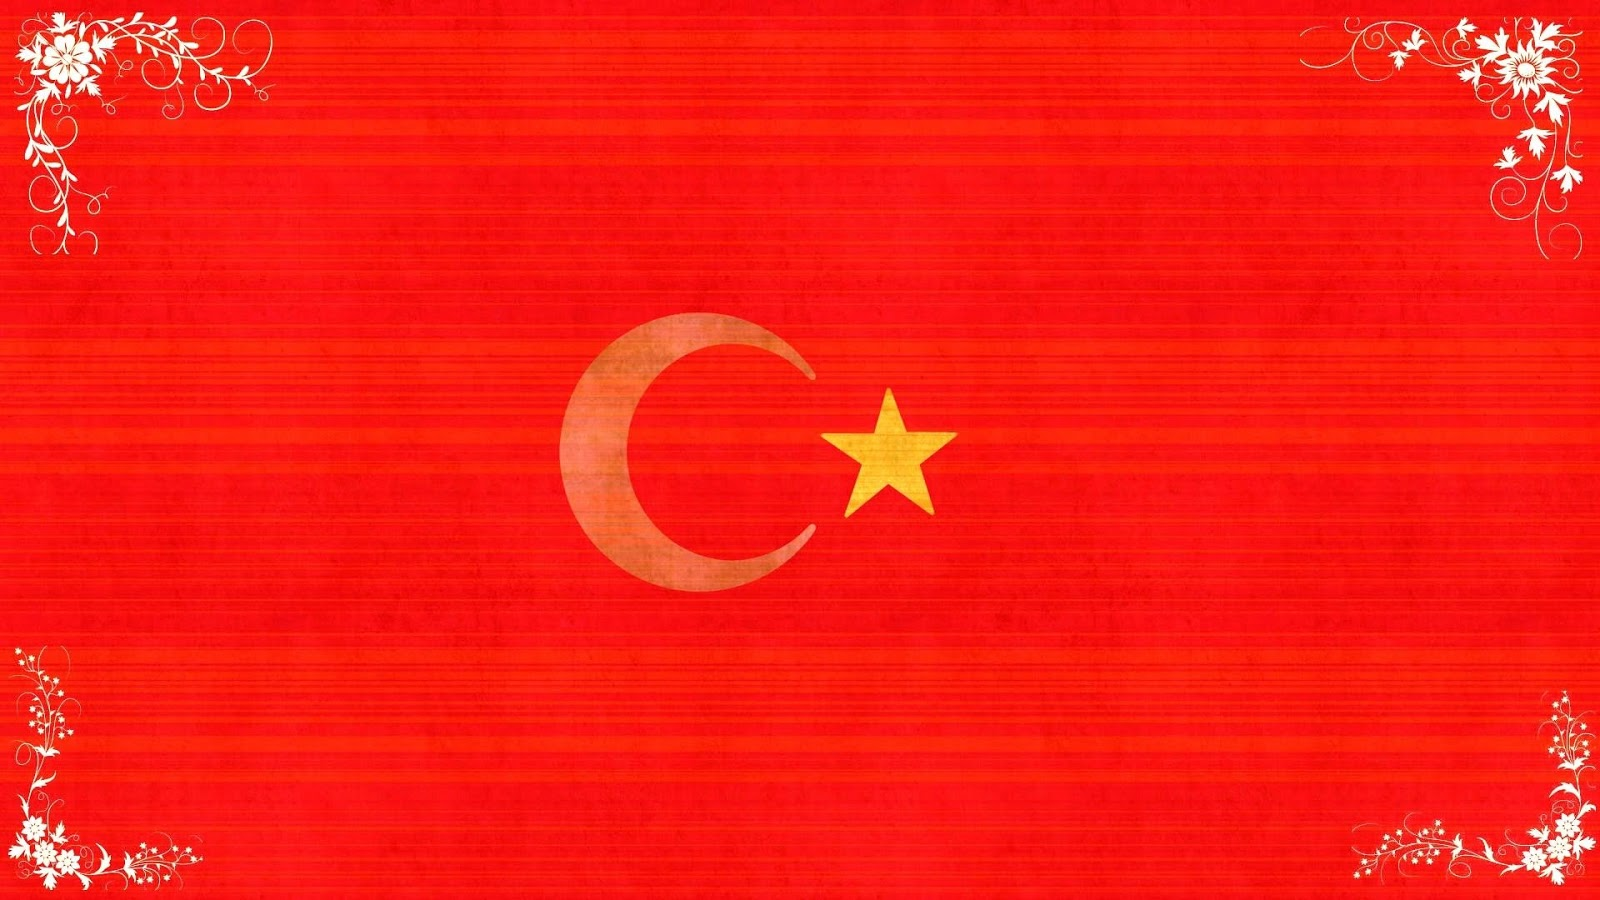 İstanbul Bayrak İmalatı ve Bayrak Üretimi